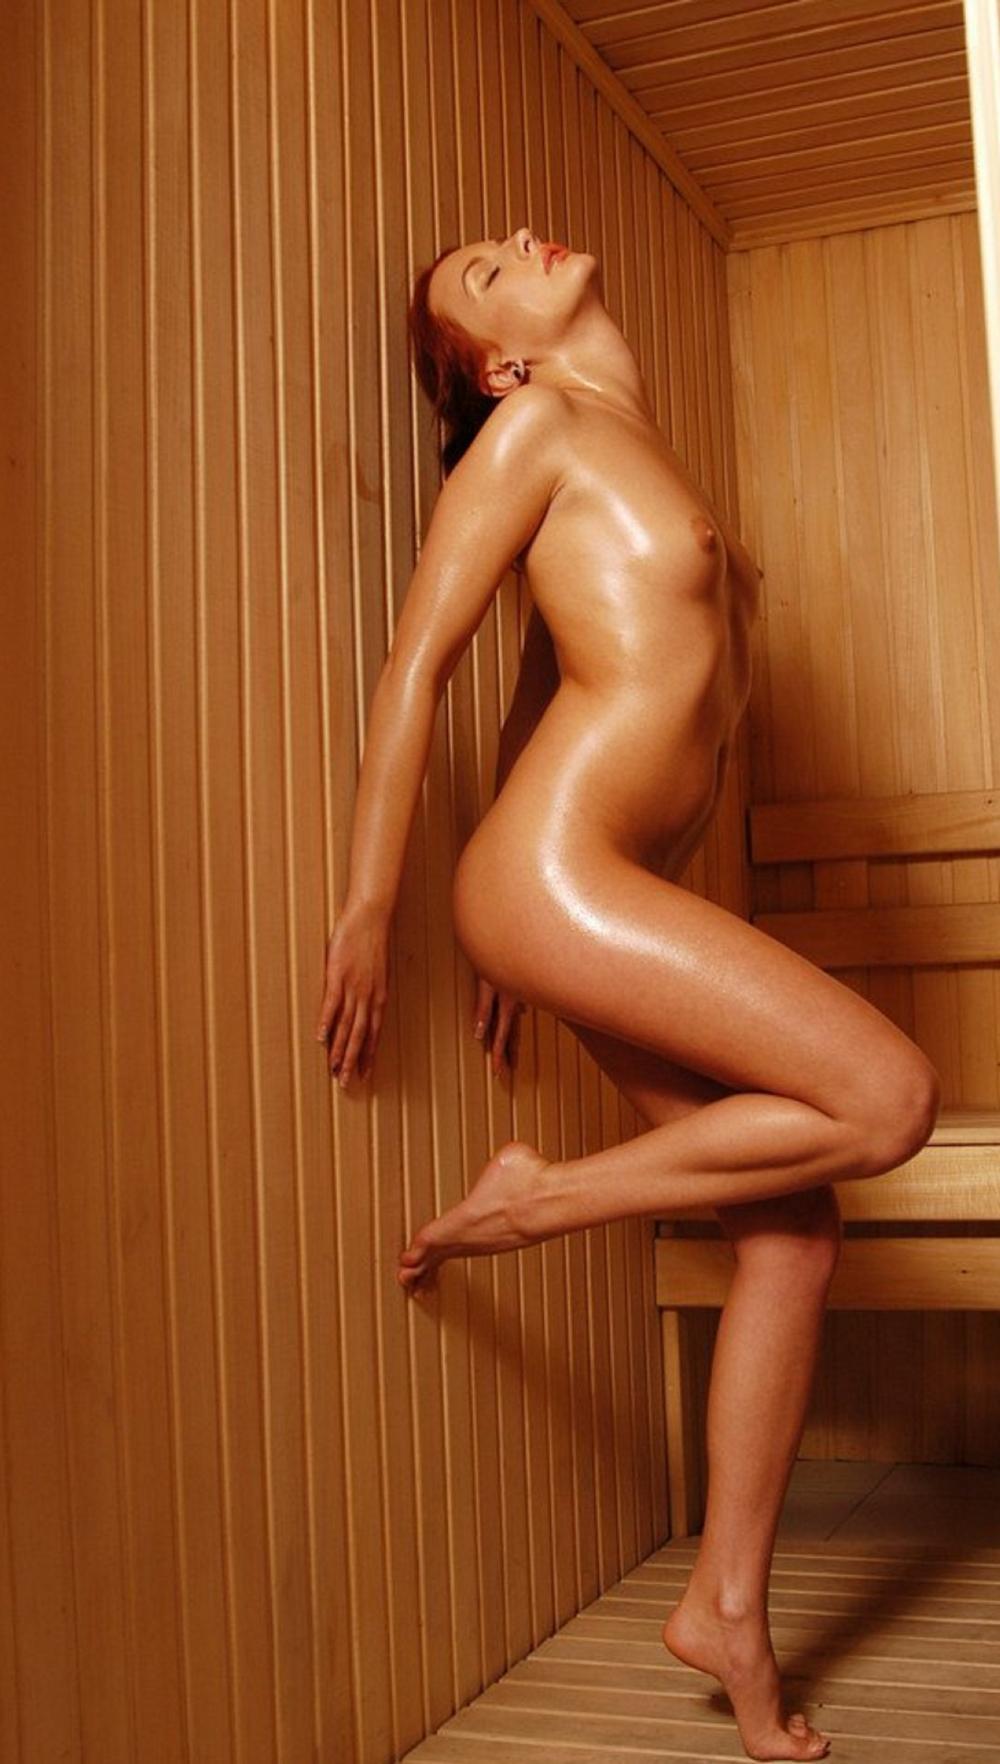 сауна голые девушки фото стоит вся в поту прислонившись спиной к стене, голову подняв вверх, согнув правую ногу в колене